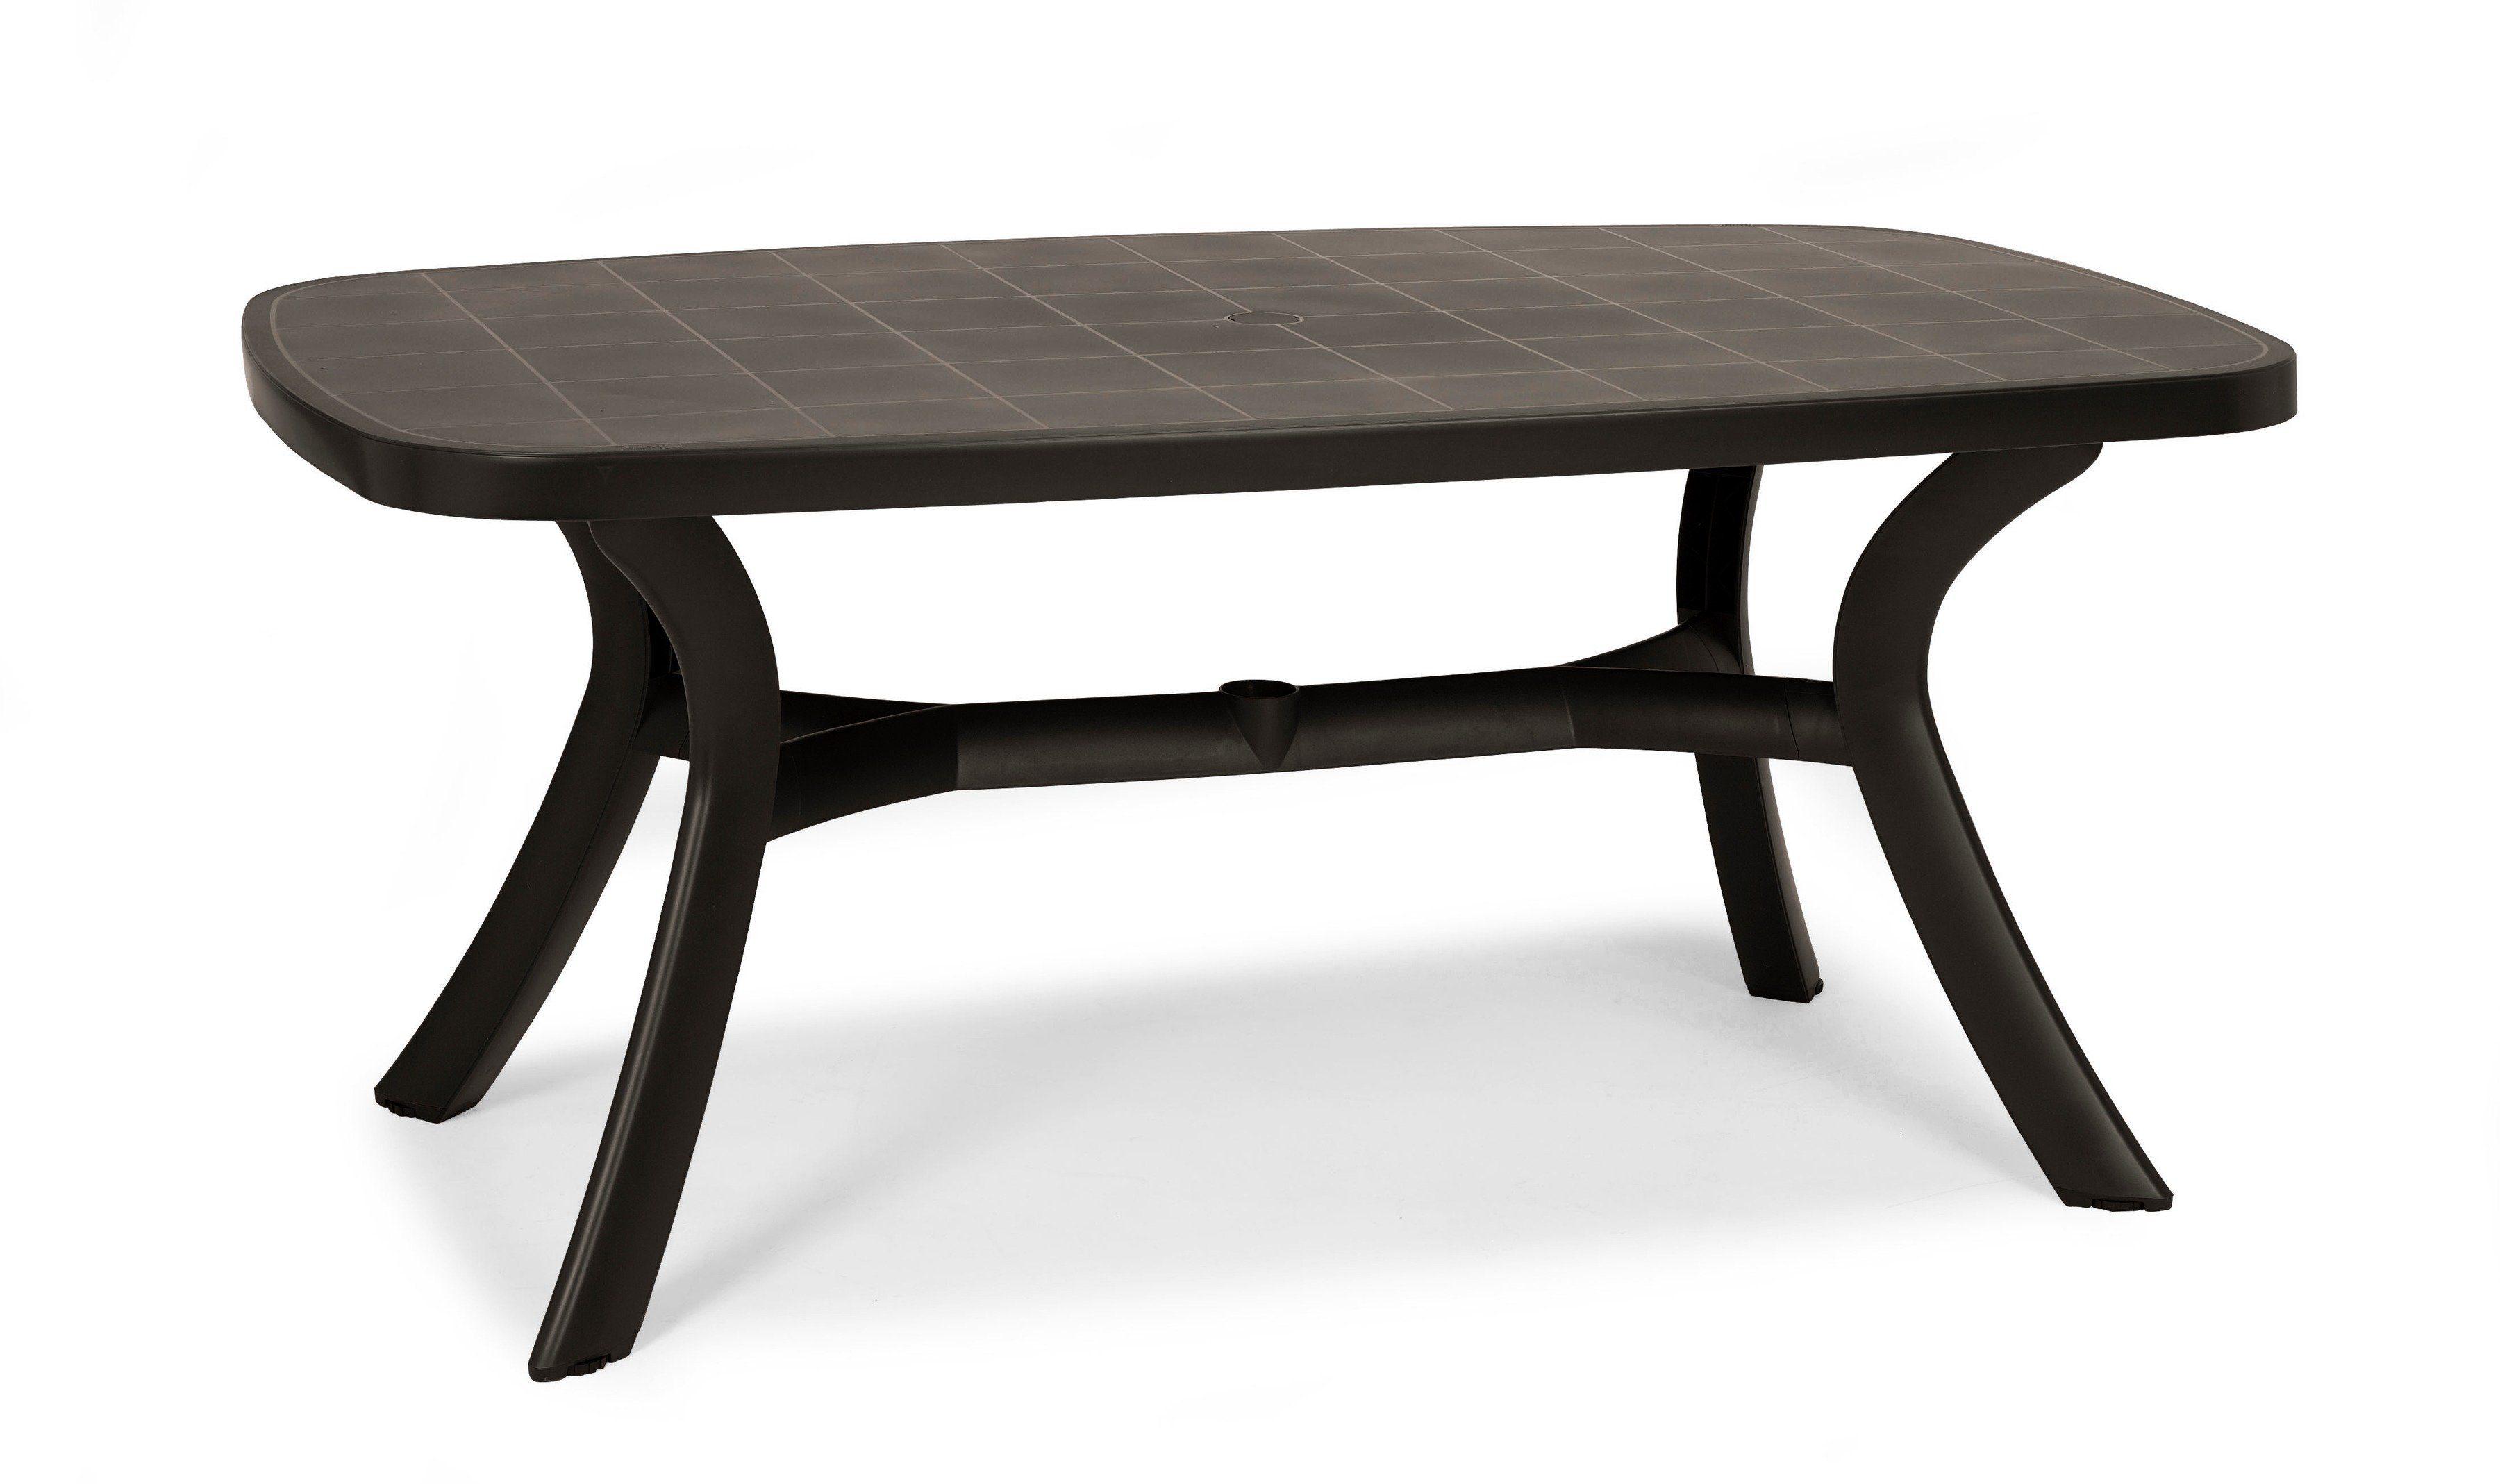 BEST Gartentisch »Kansas«, Kunststoff, 192x105 cm, anthrazit